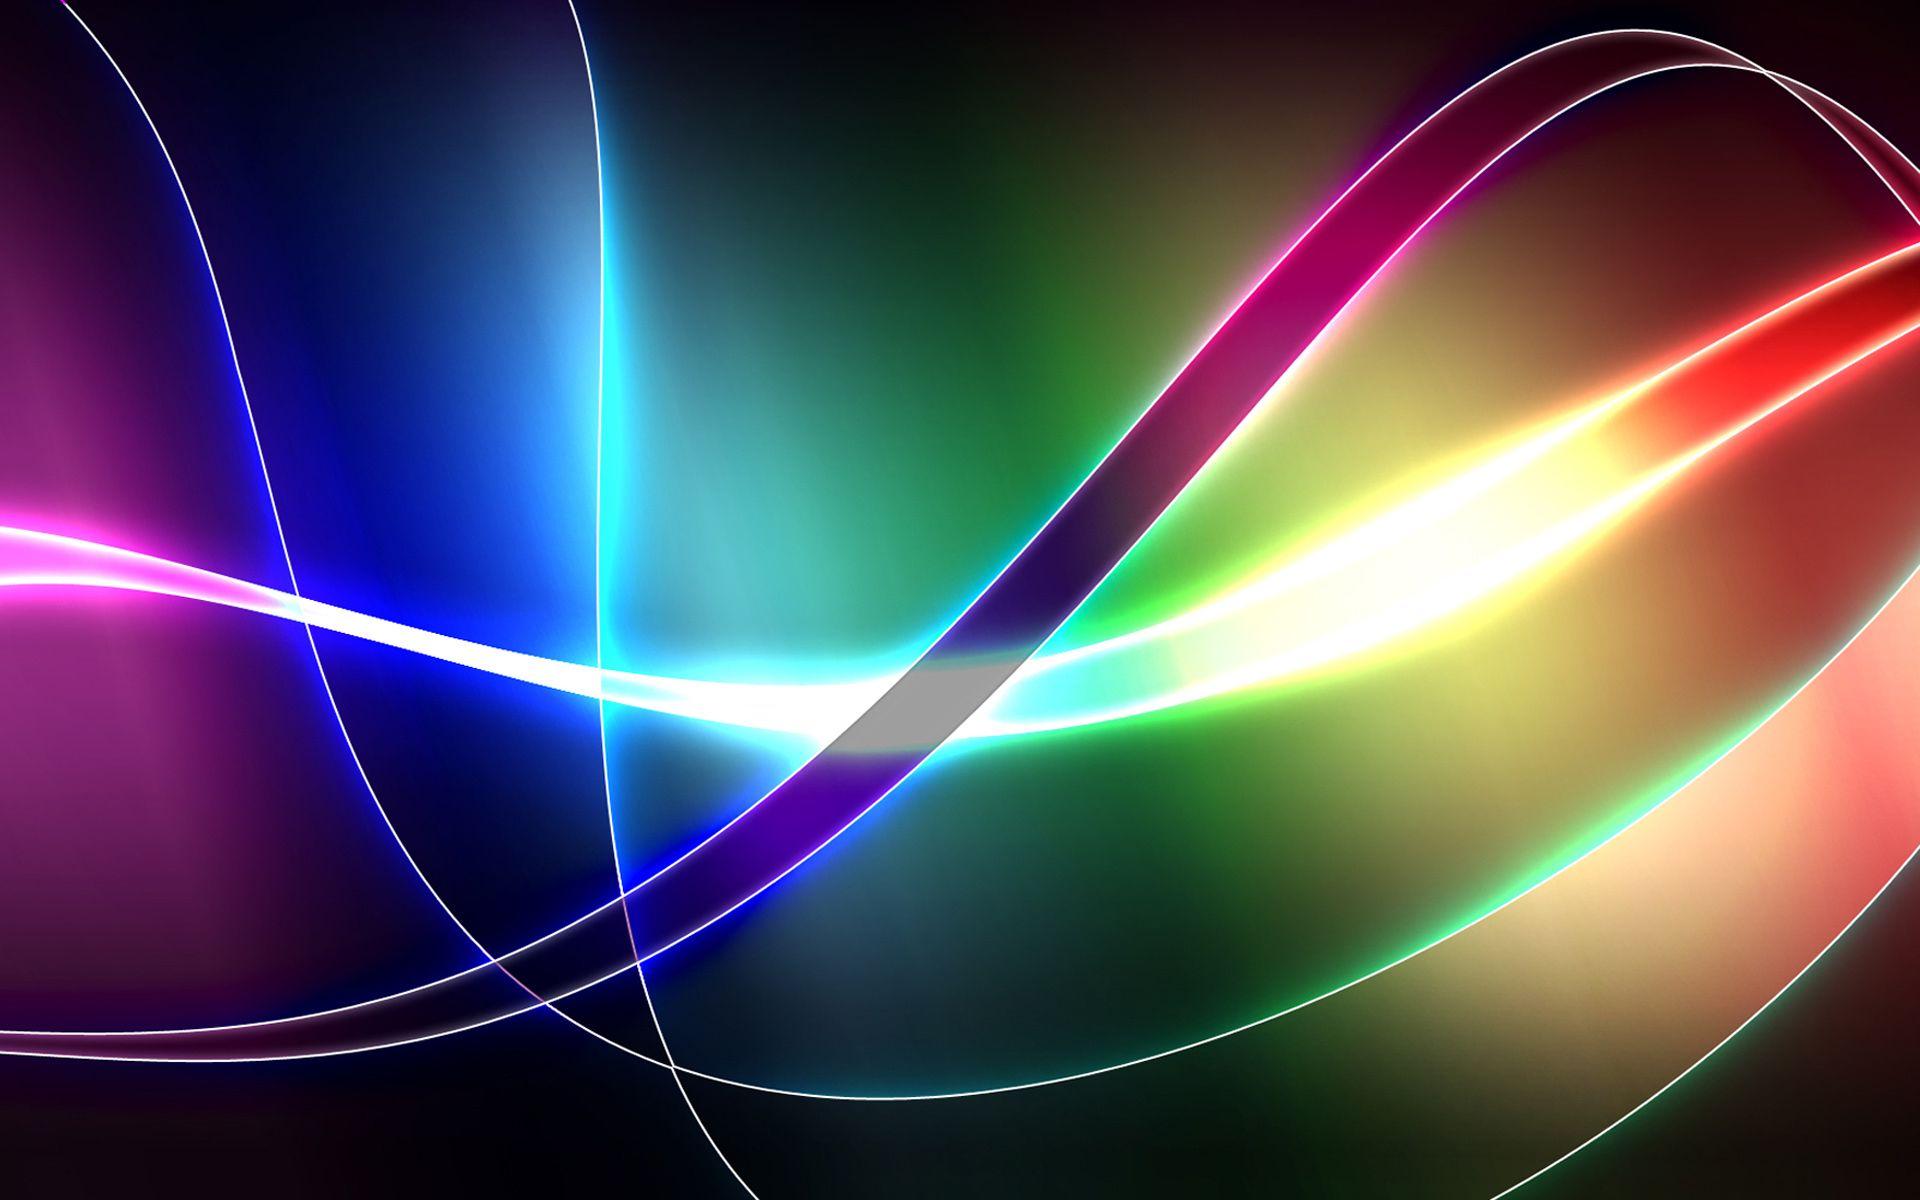 abstract cool colors shapes patterns shades texture cgi ribbons